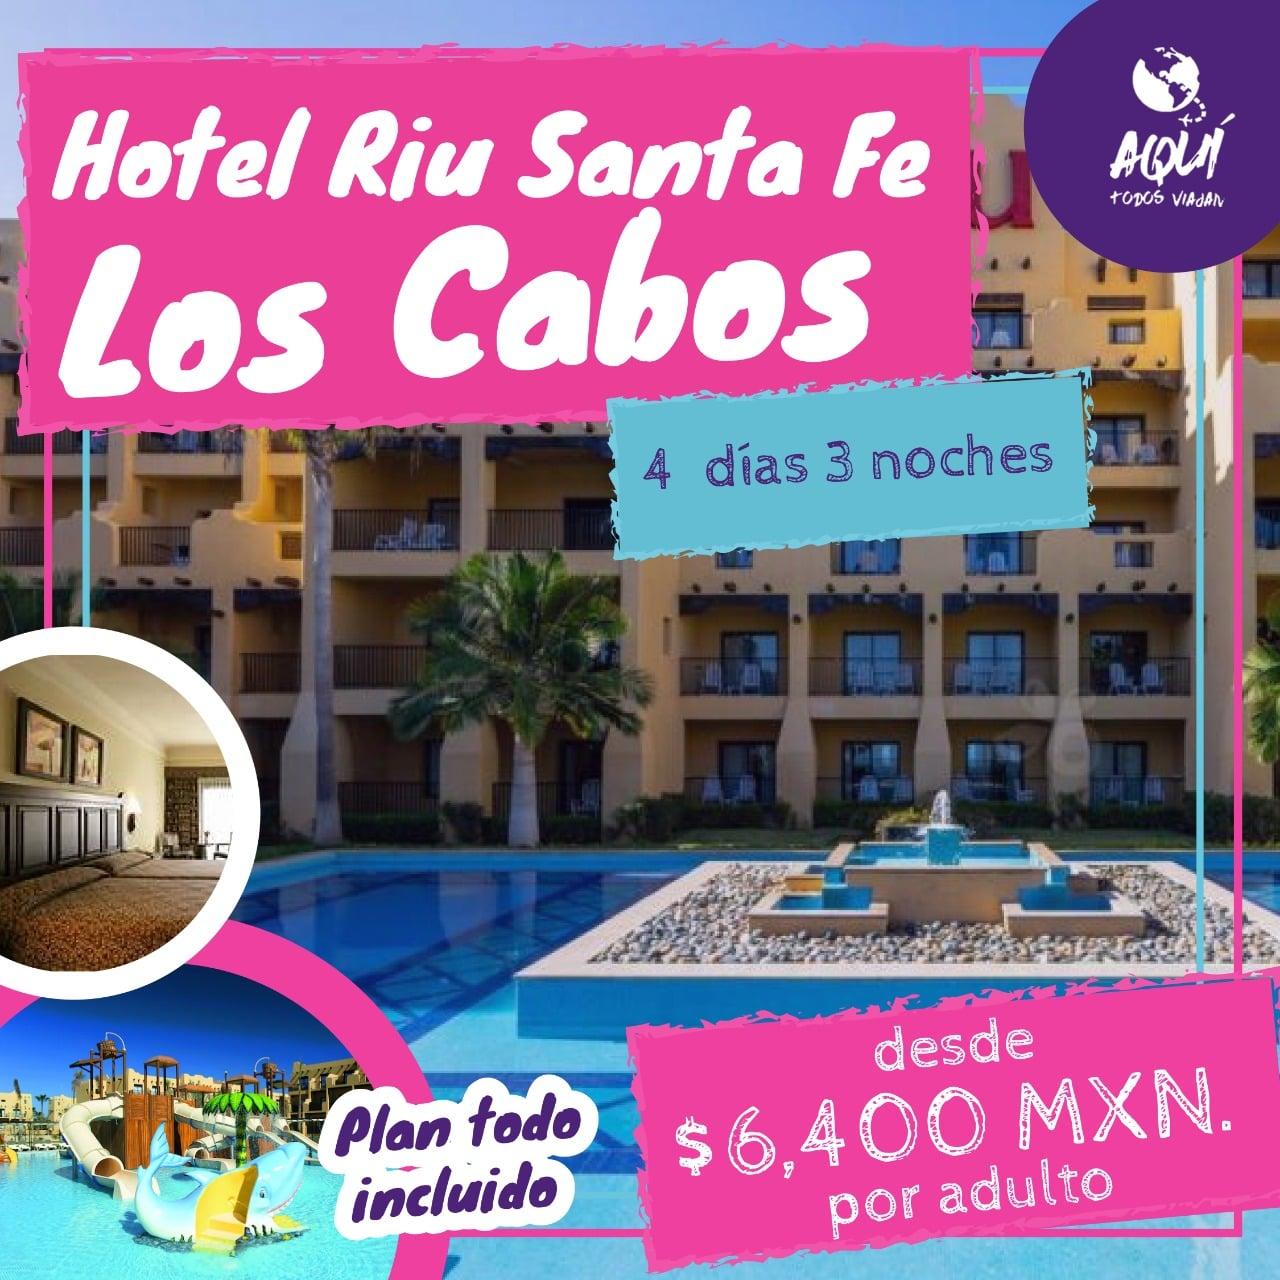 Riu Los Cabos, Promocion, Agencia de Viajes, Aquí Todos Viajan, Apodaca